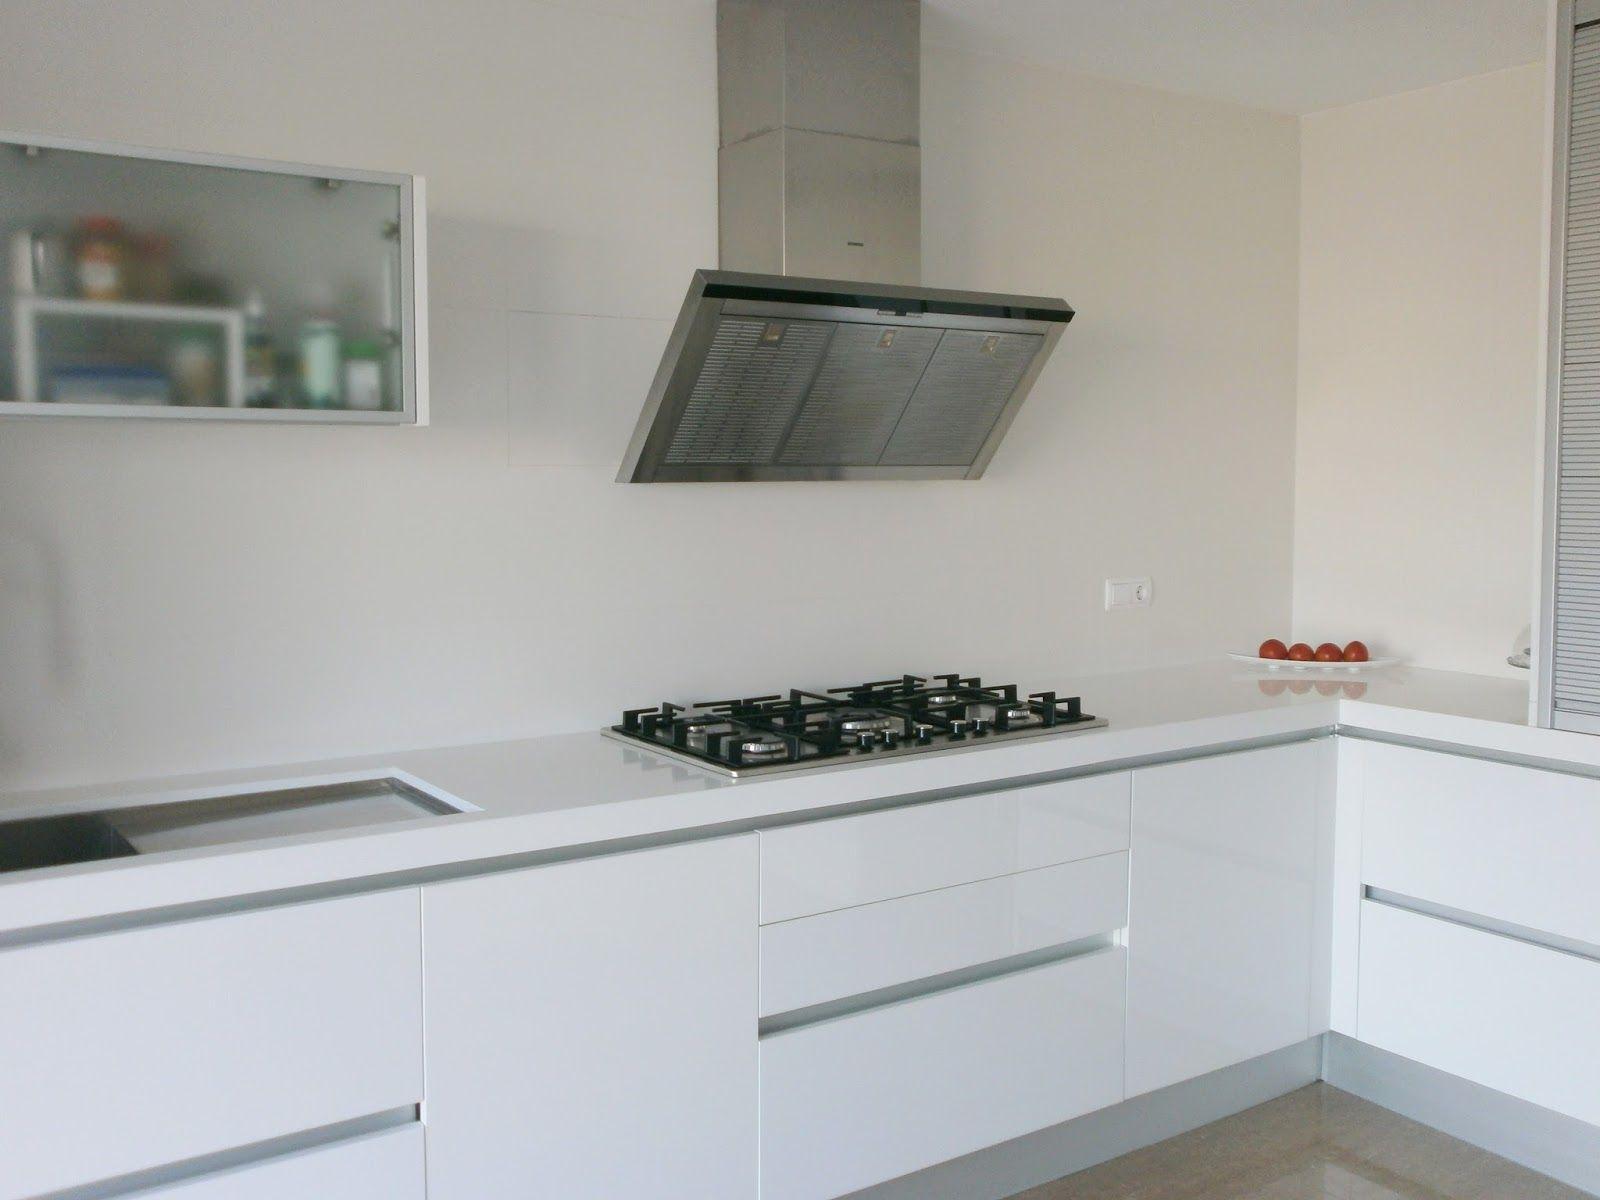 Cocina Encimera Blanca   Resultado De Imagen De Cocina Blanca Con Encimera Blanca Cocinas